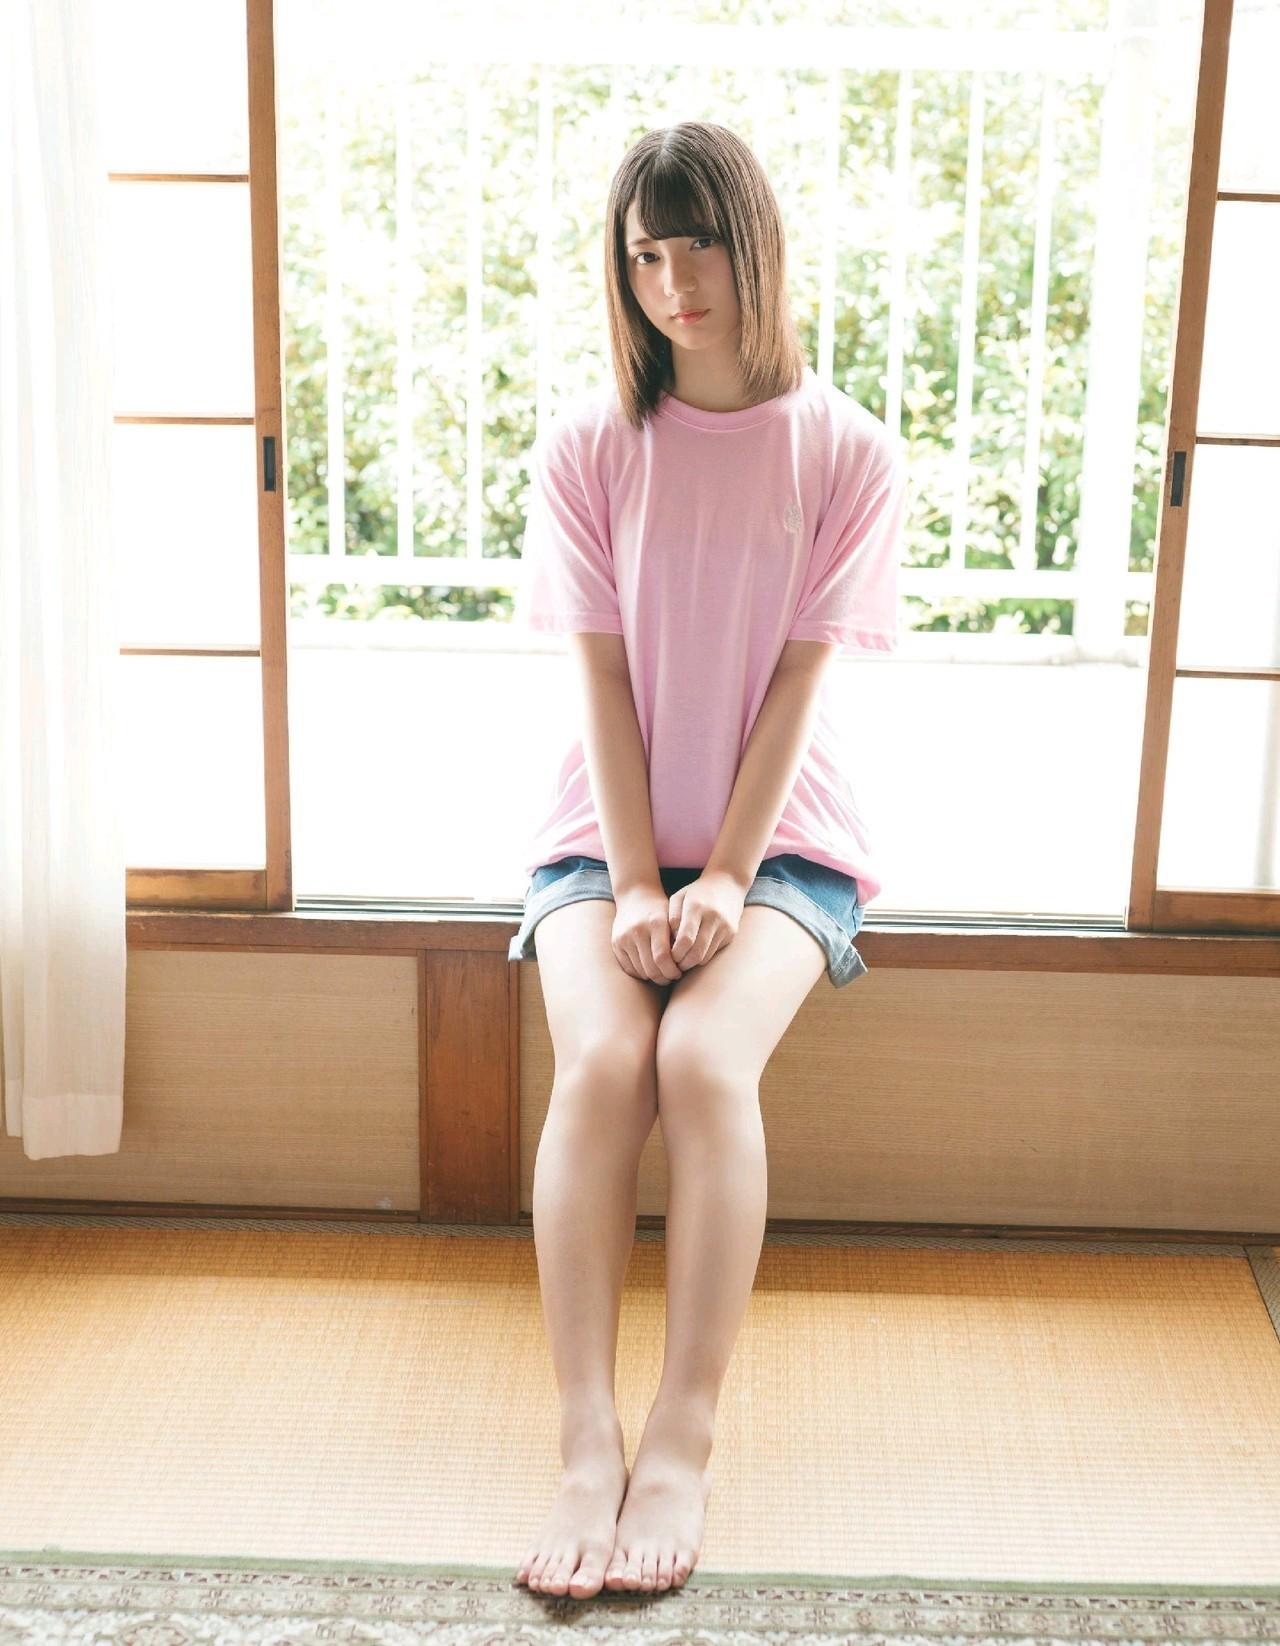 日向坂 46「小坂菜绪」将于今年 6 月 29 日推出个人首本写真集,纯爱视角眼神放电清纯透明 御宅资讯